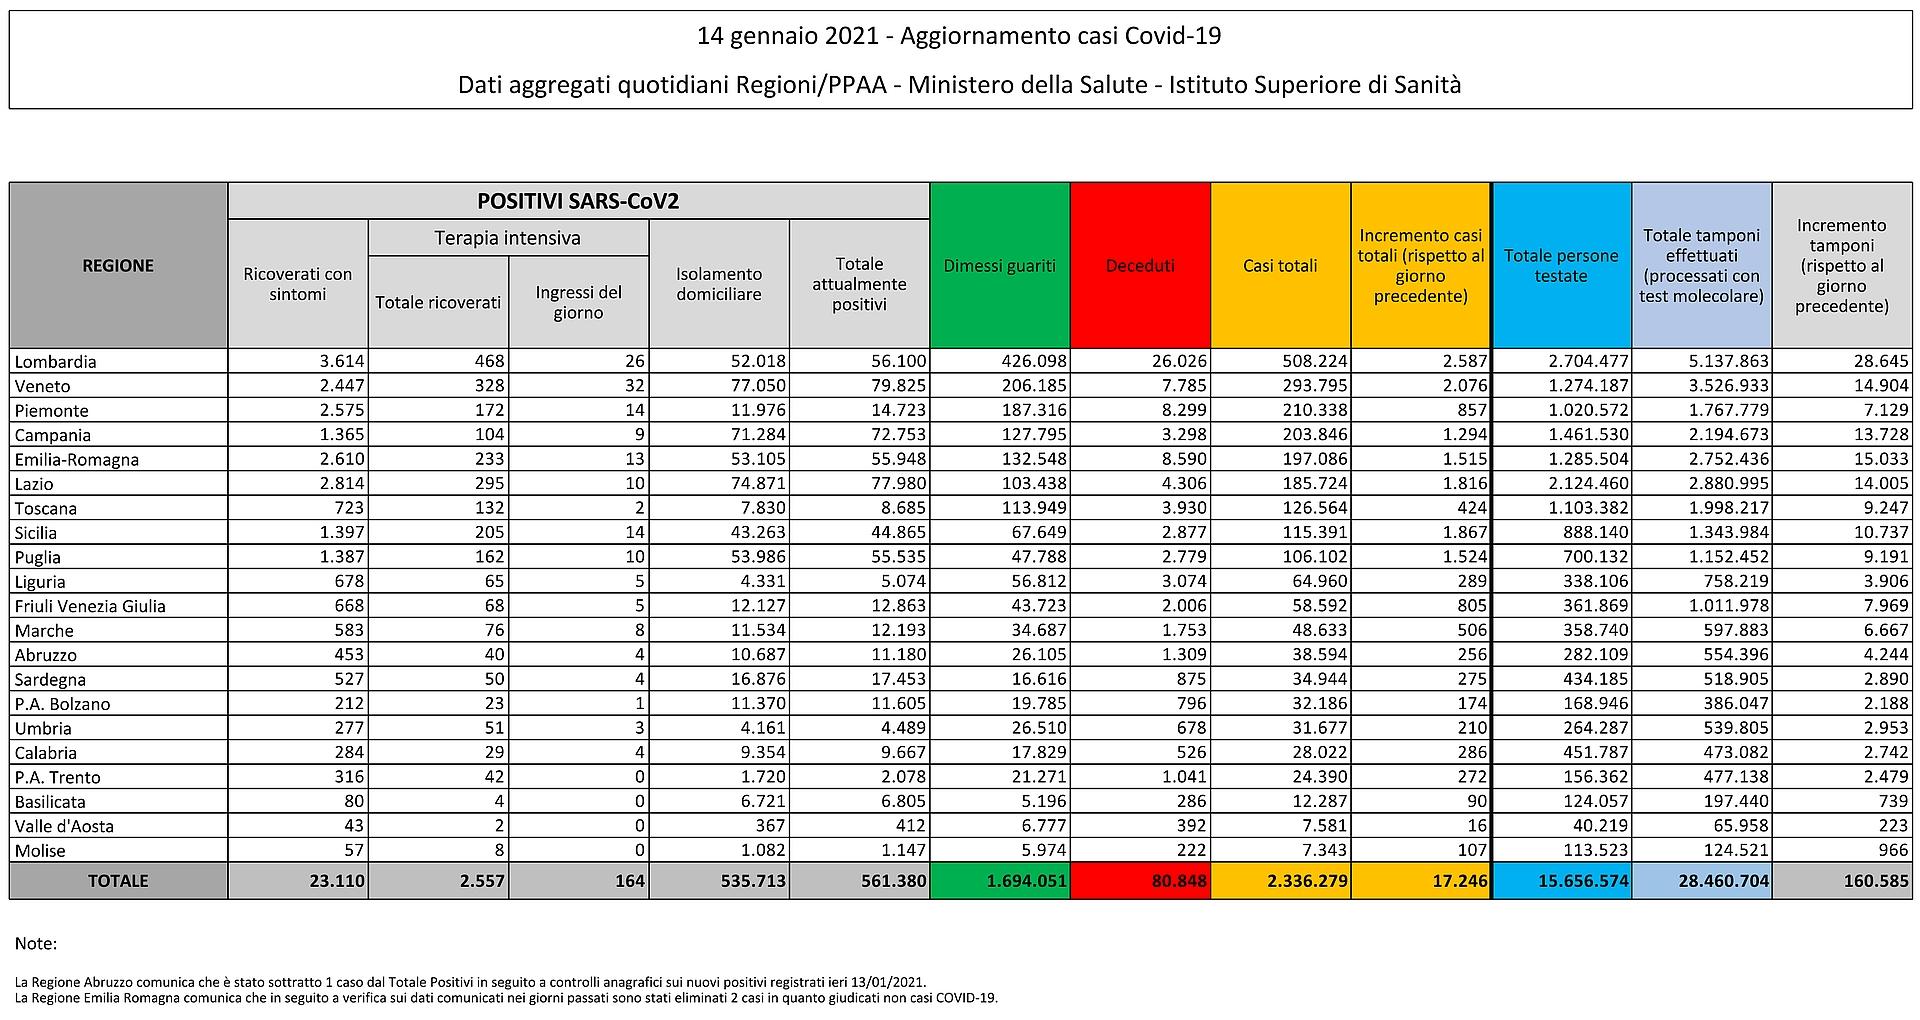 14 gennaio 2021 - Aggiornamento casi Covid-19 Dati aggregati quotidiani Regioni/PPAA - Ministero della Salute - Istituto Superiore di Sanità